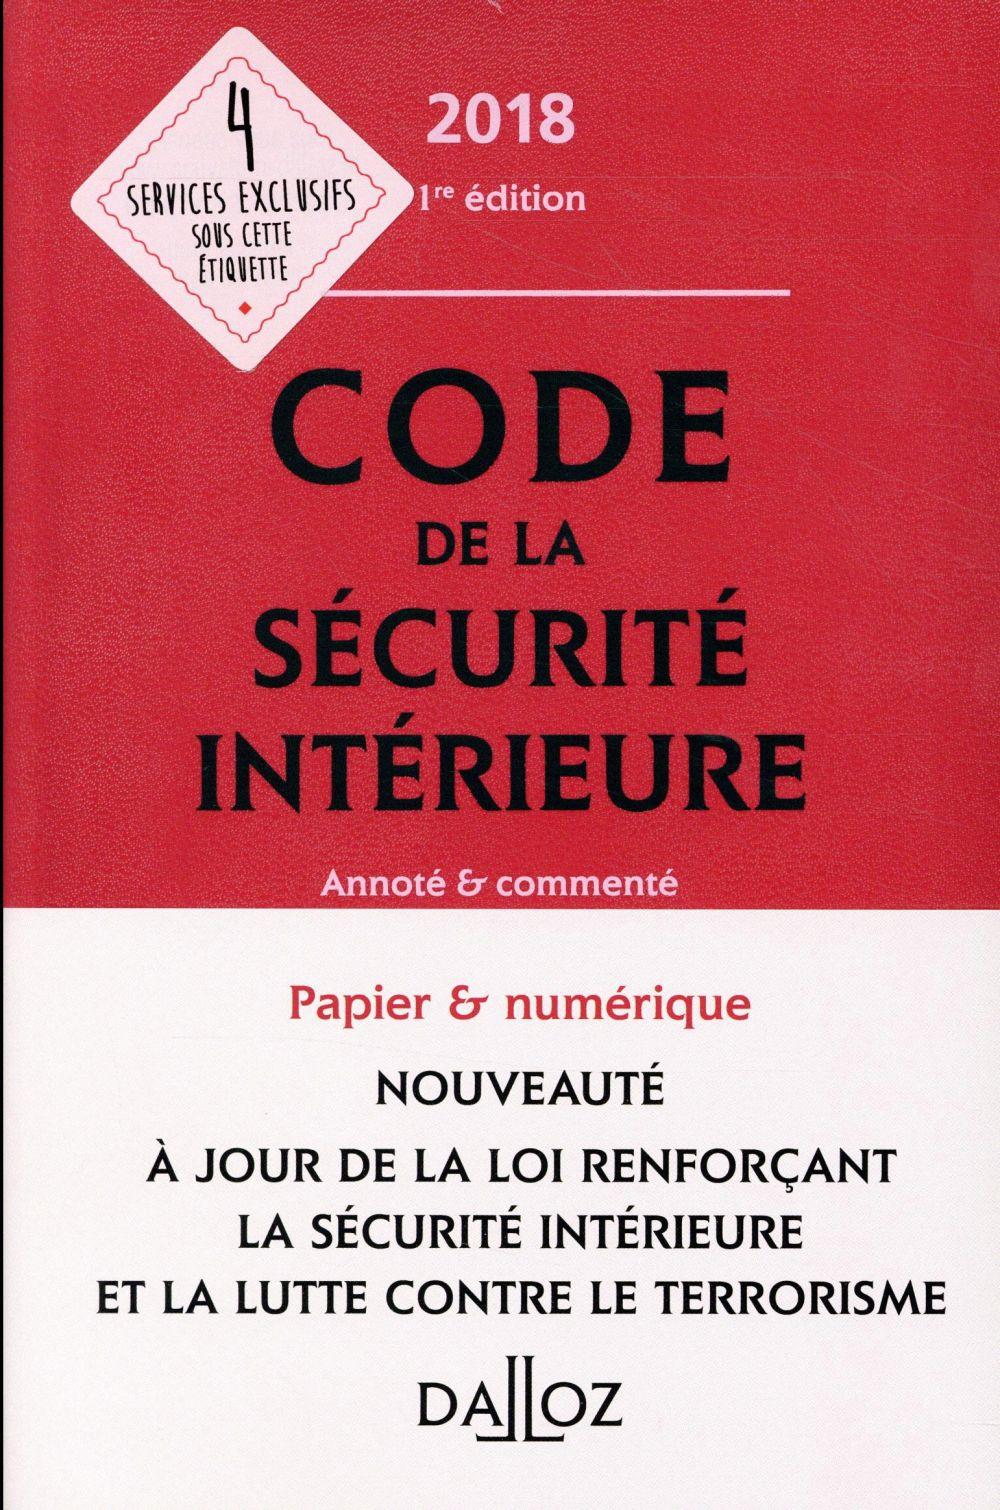 Code de la sécurité intérieure (édition 2018)